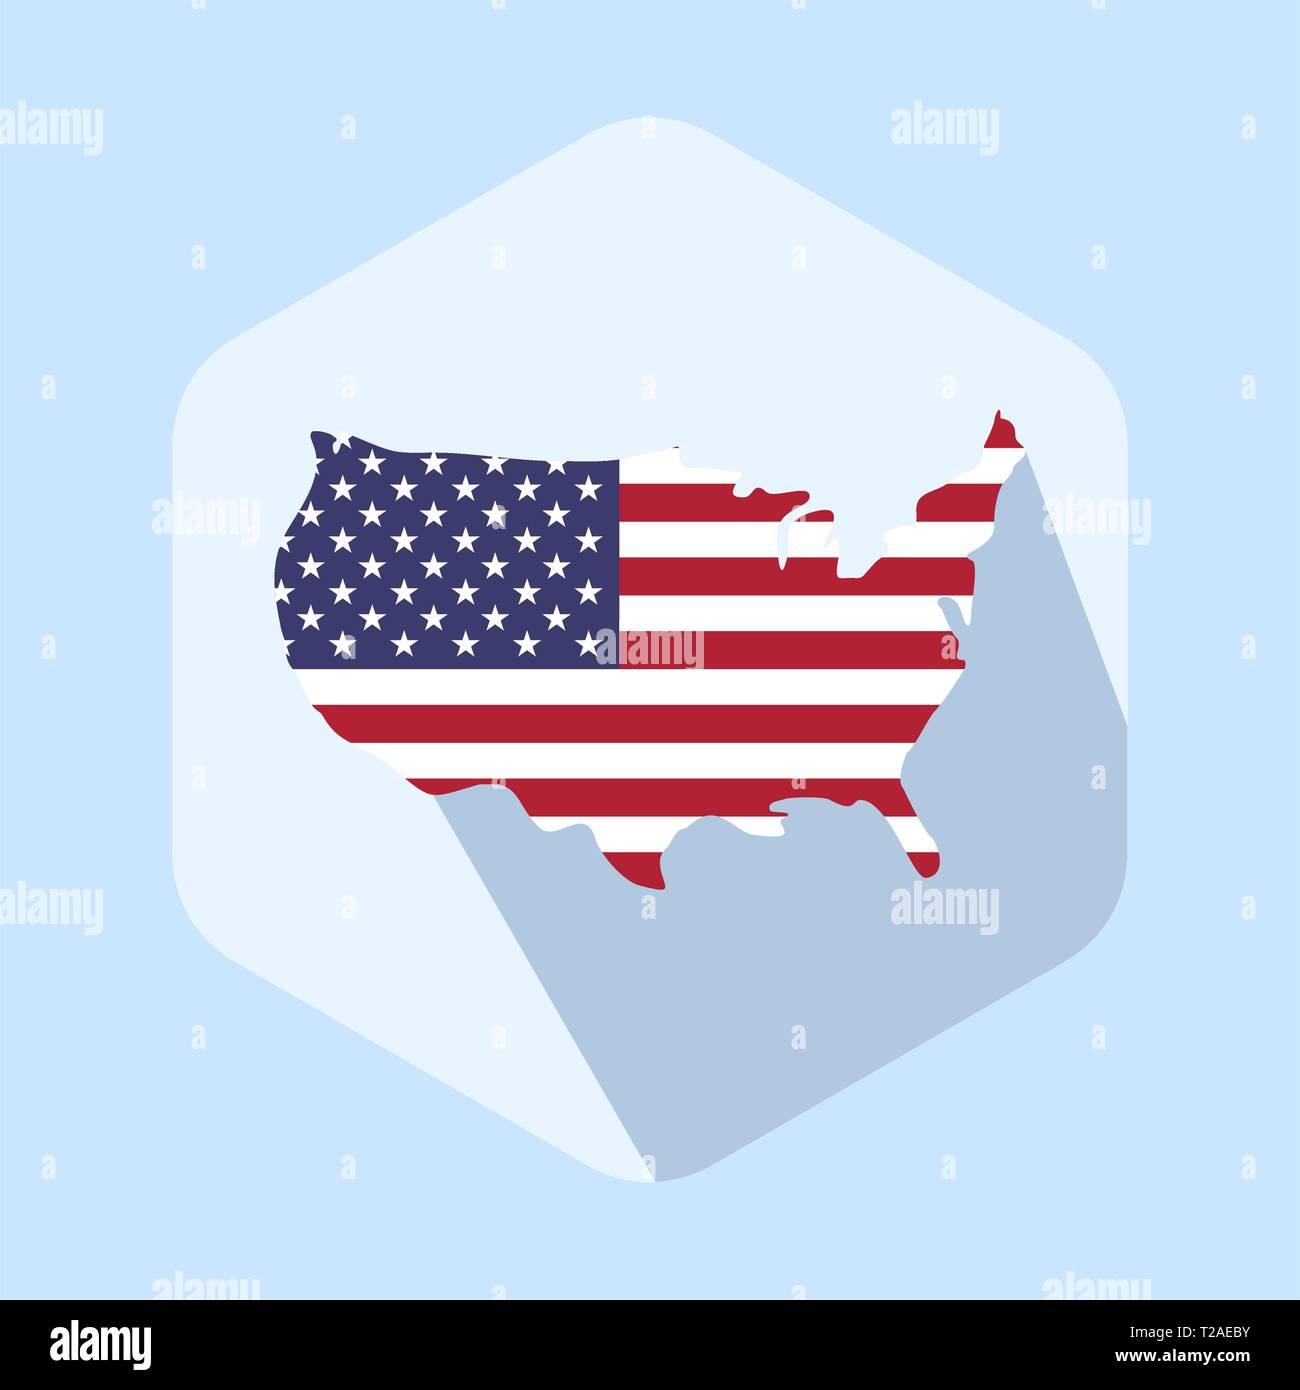 Usa flag map icon template. Flat design vector - Stock Vector